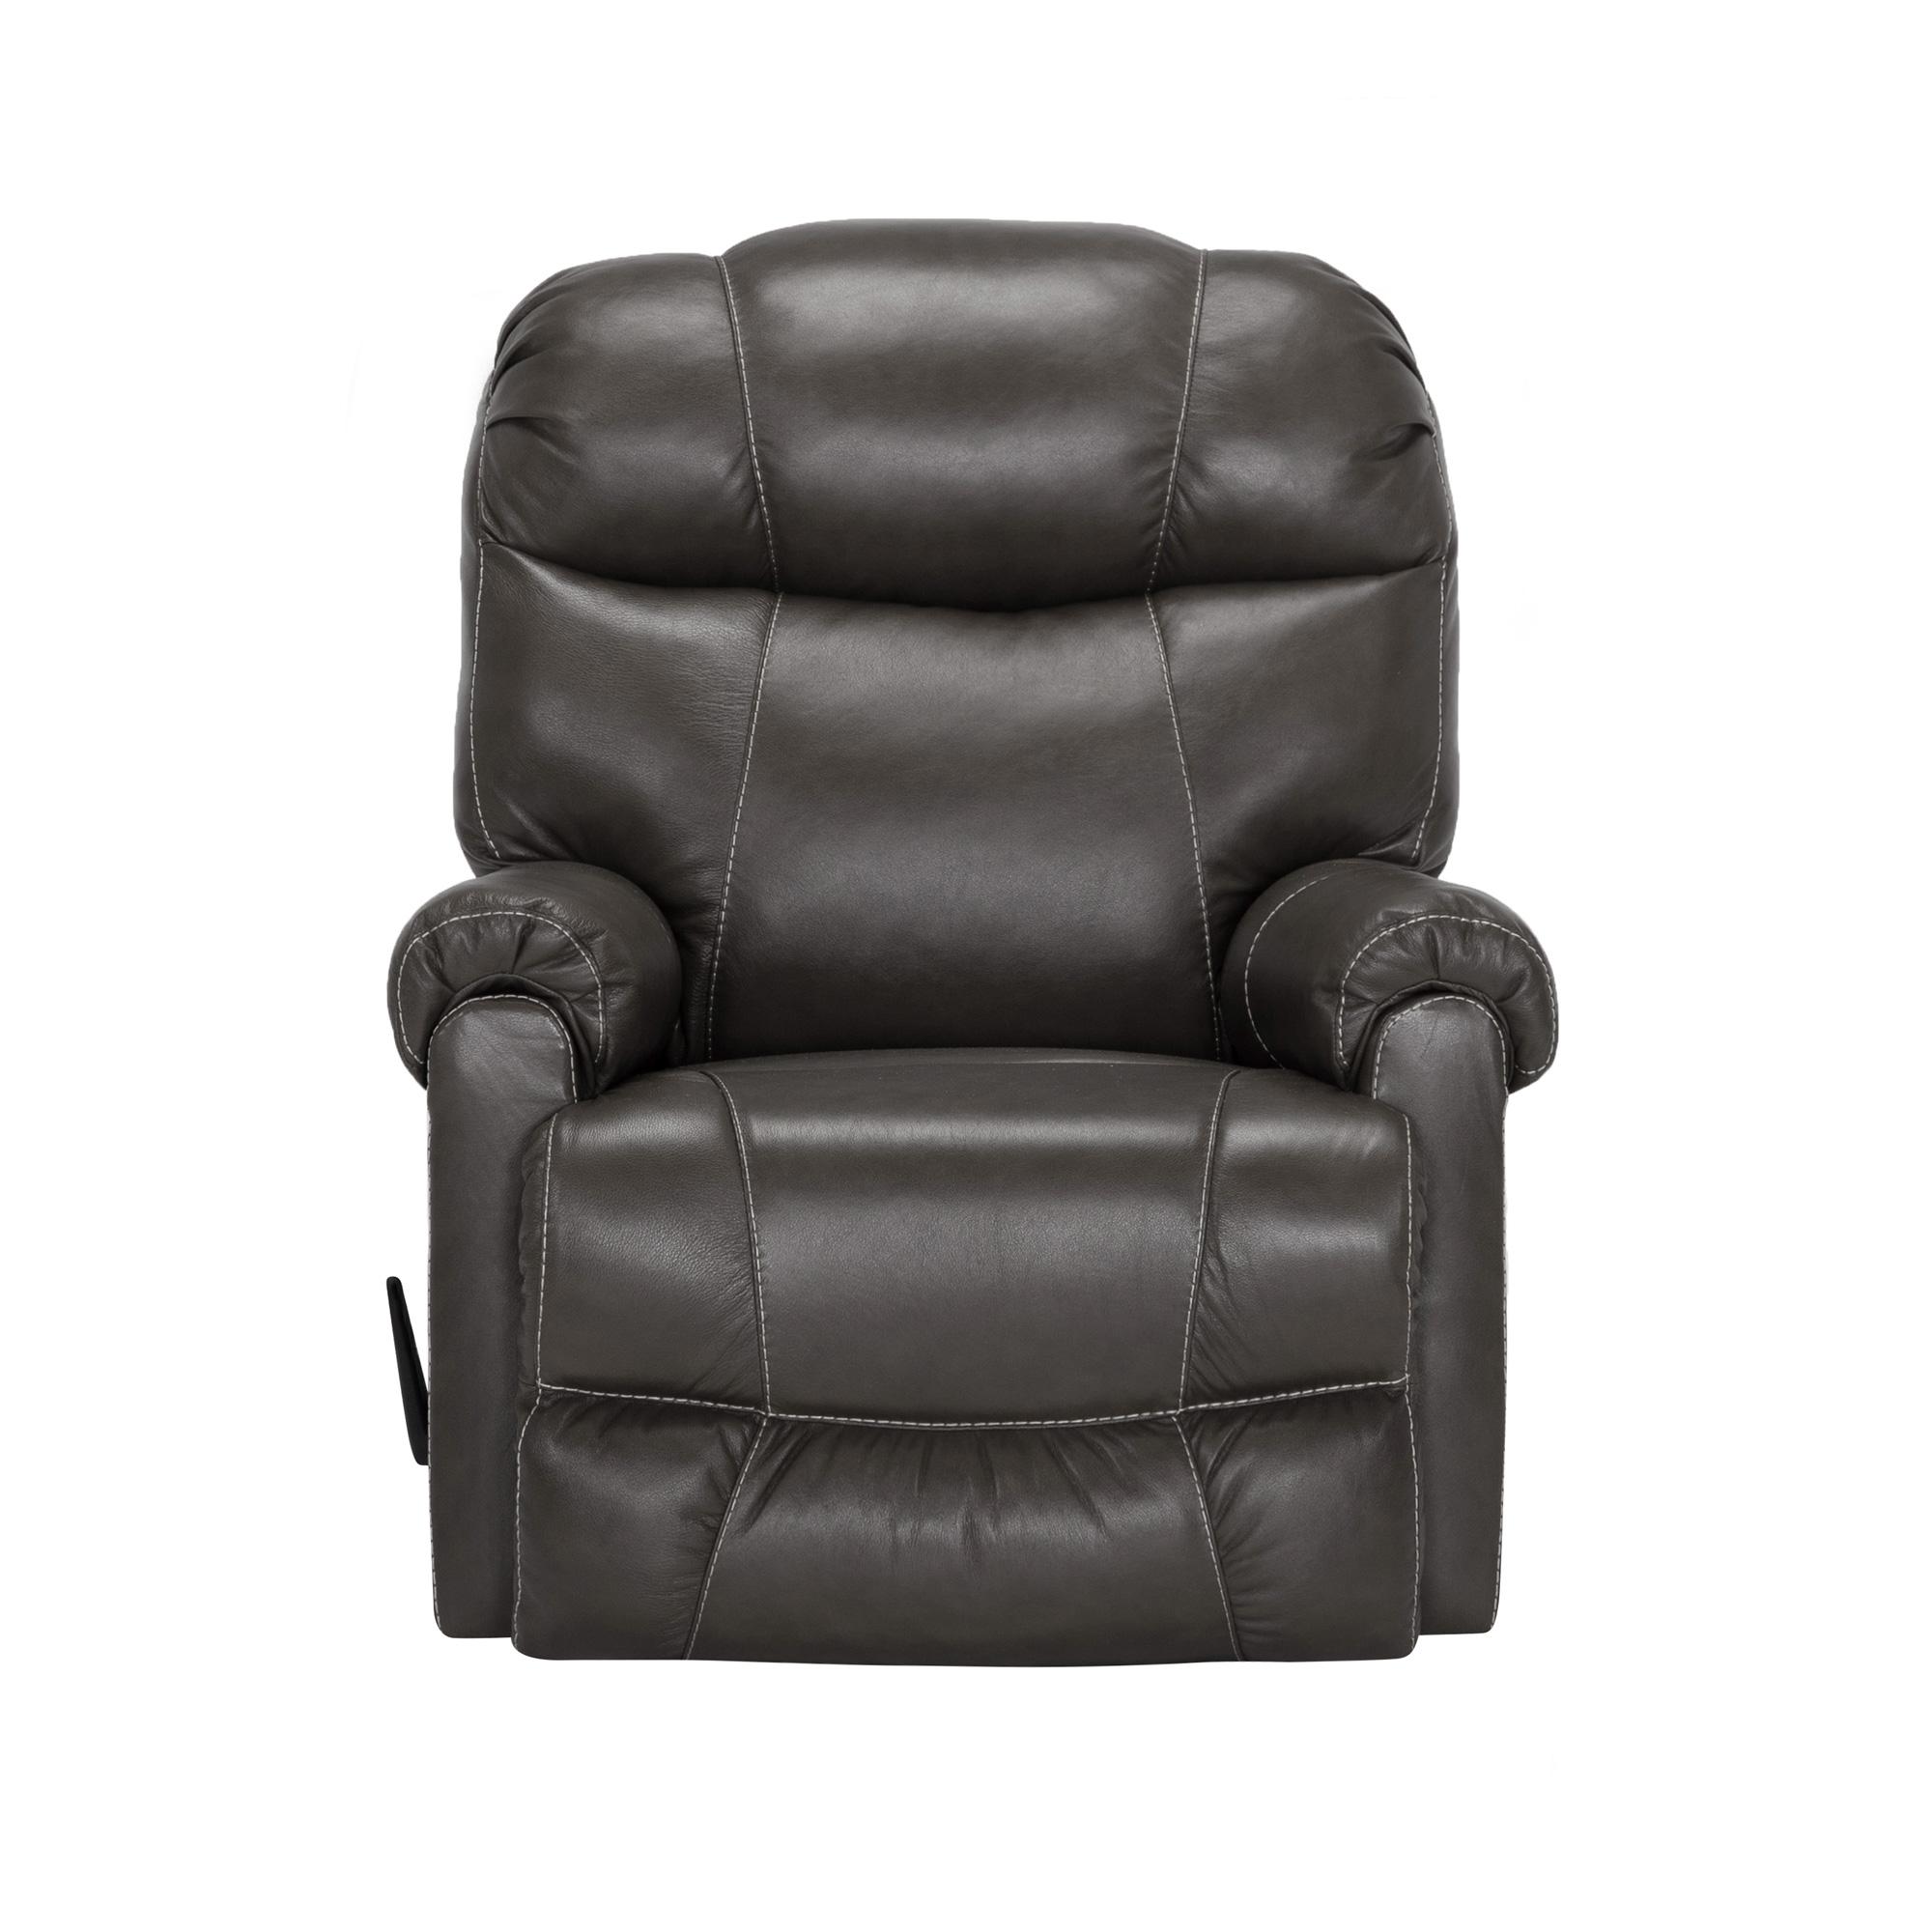 Franklin | Franz Gray Rocker Recliner Chair